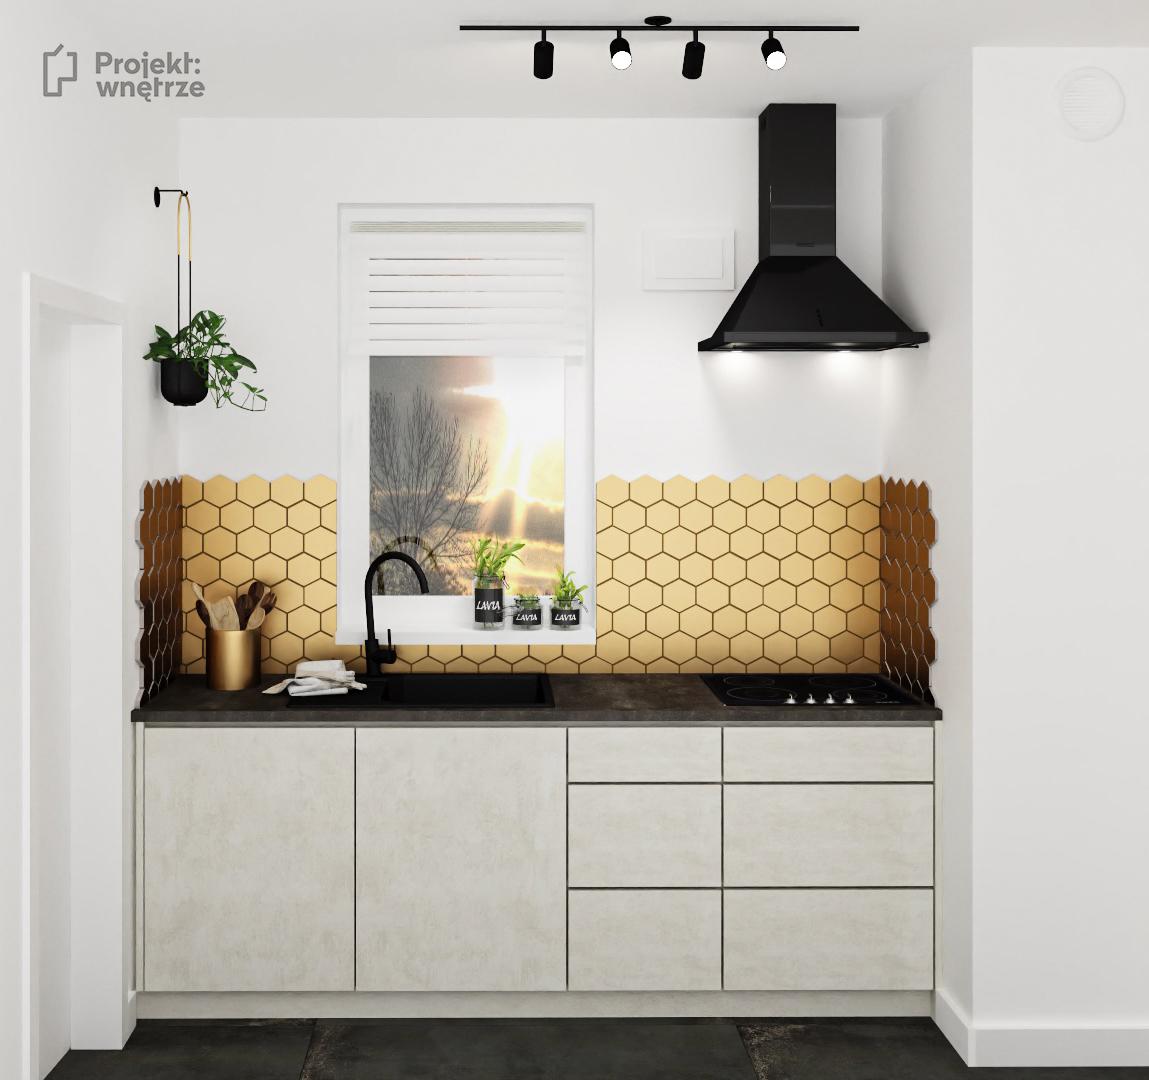 KUCHNIA w stylu loft złote heksagony meble beton czarne akcenty ciemny blat - projekt kuchni PROJEKT WNĘTRZE www.projektwnetrze.com.pl